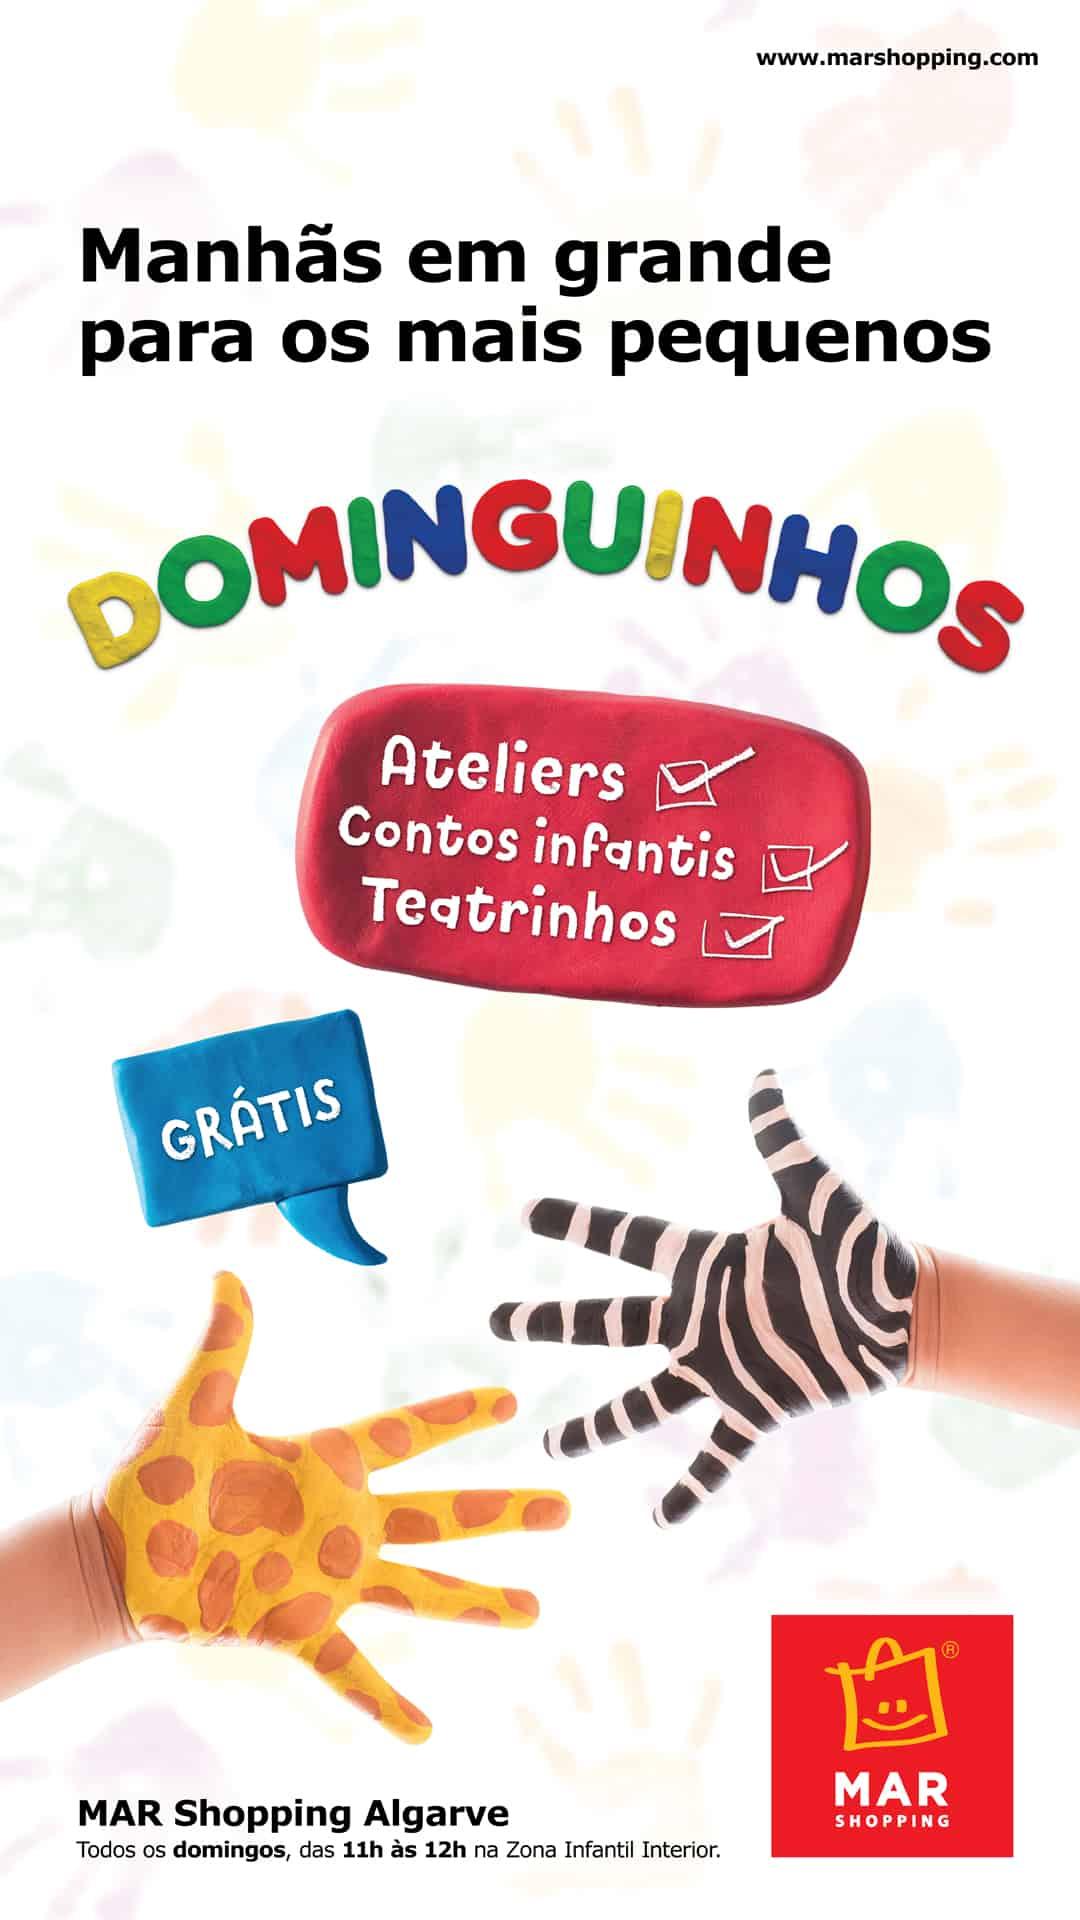 DOMINGUINHOS – COMO SERÁ VIVER PERTO DE UMA FLORESTA ENCANTADA?